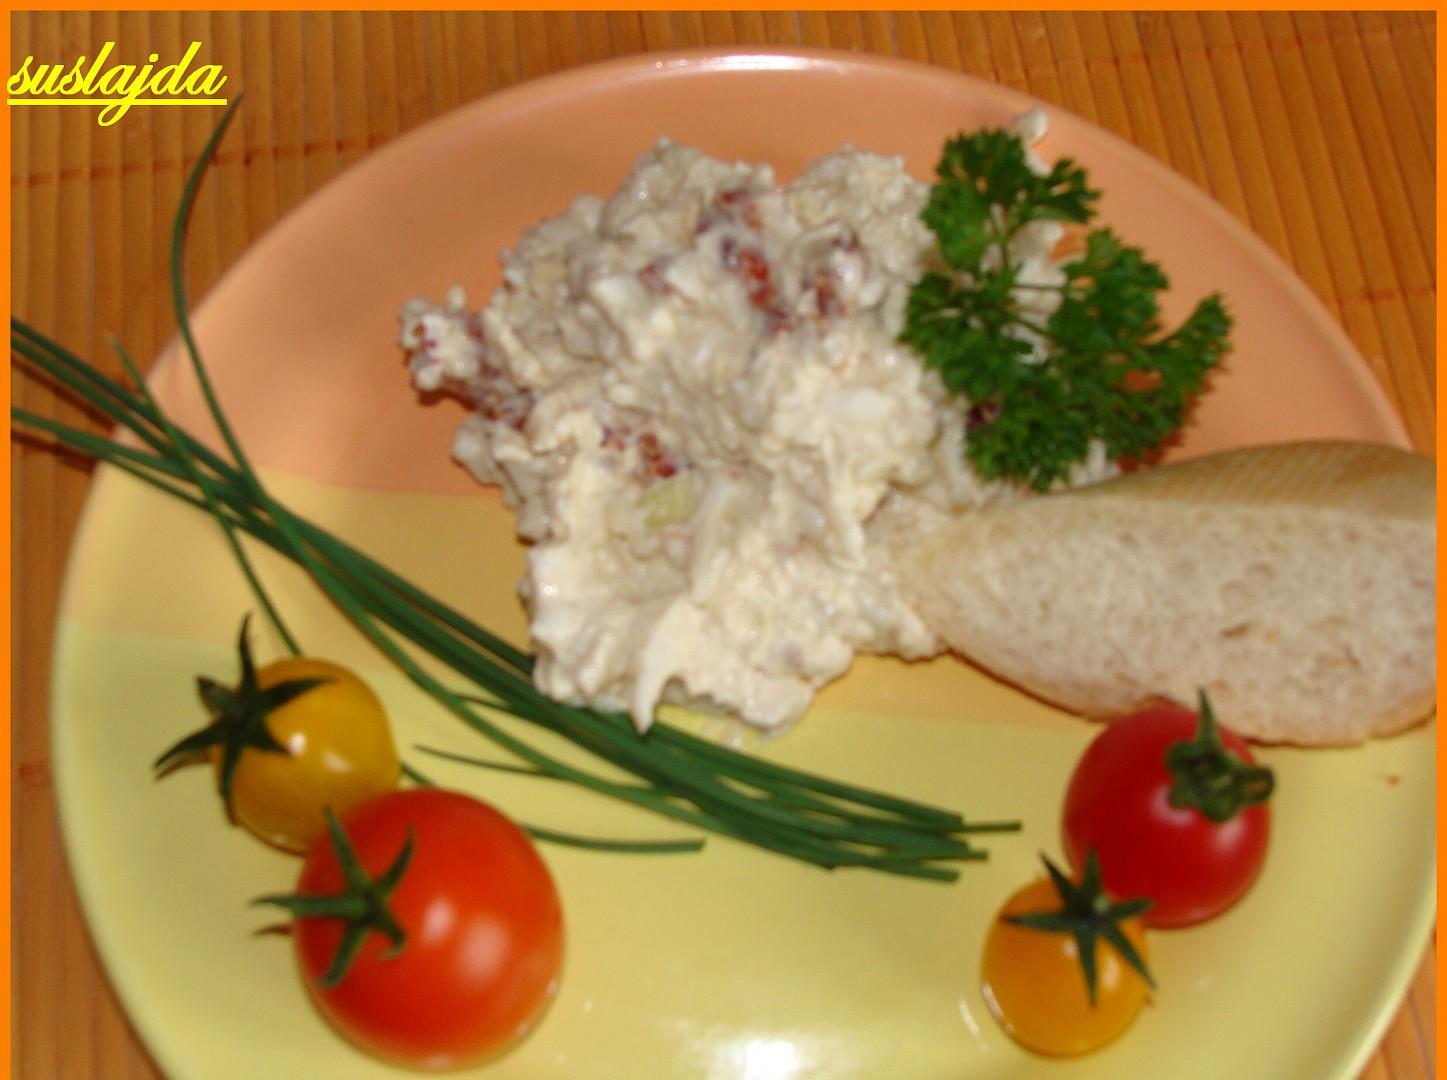 Sýrová pomazánka se sušenými rajčaty